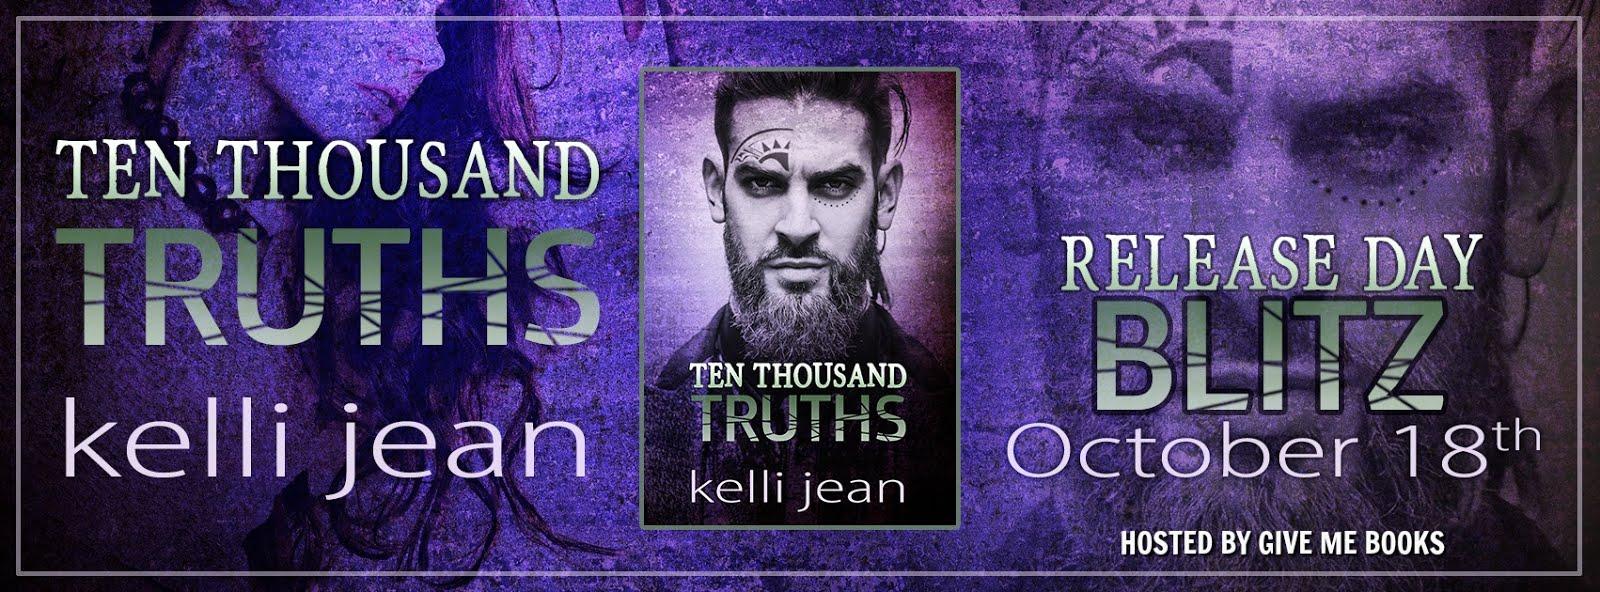 TenThousand Truths Release Blitz